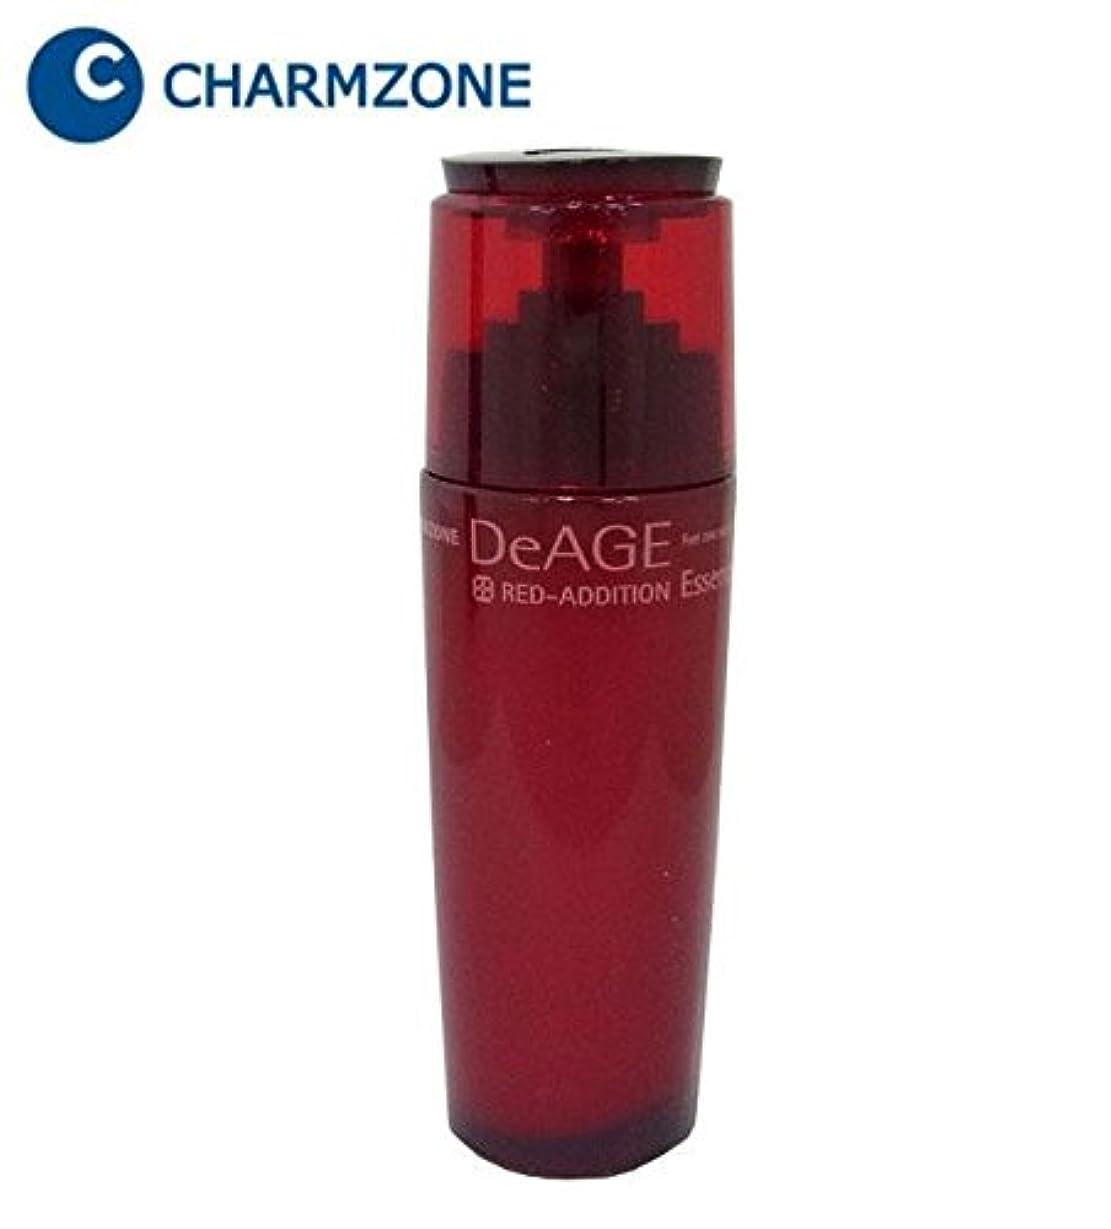 化合物主権者商業のチャームゾーン DeAGE Line ディエージレッドアディション エッセンス 50ml